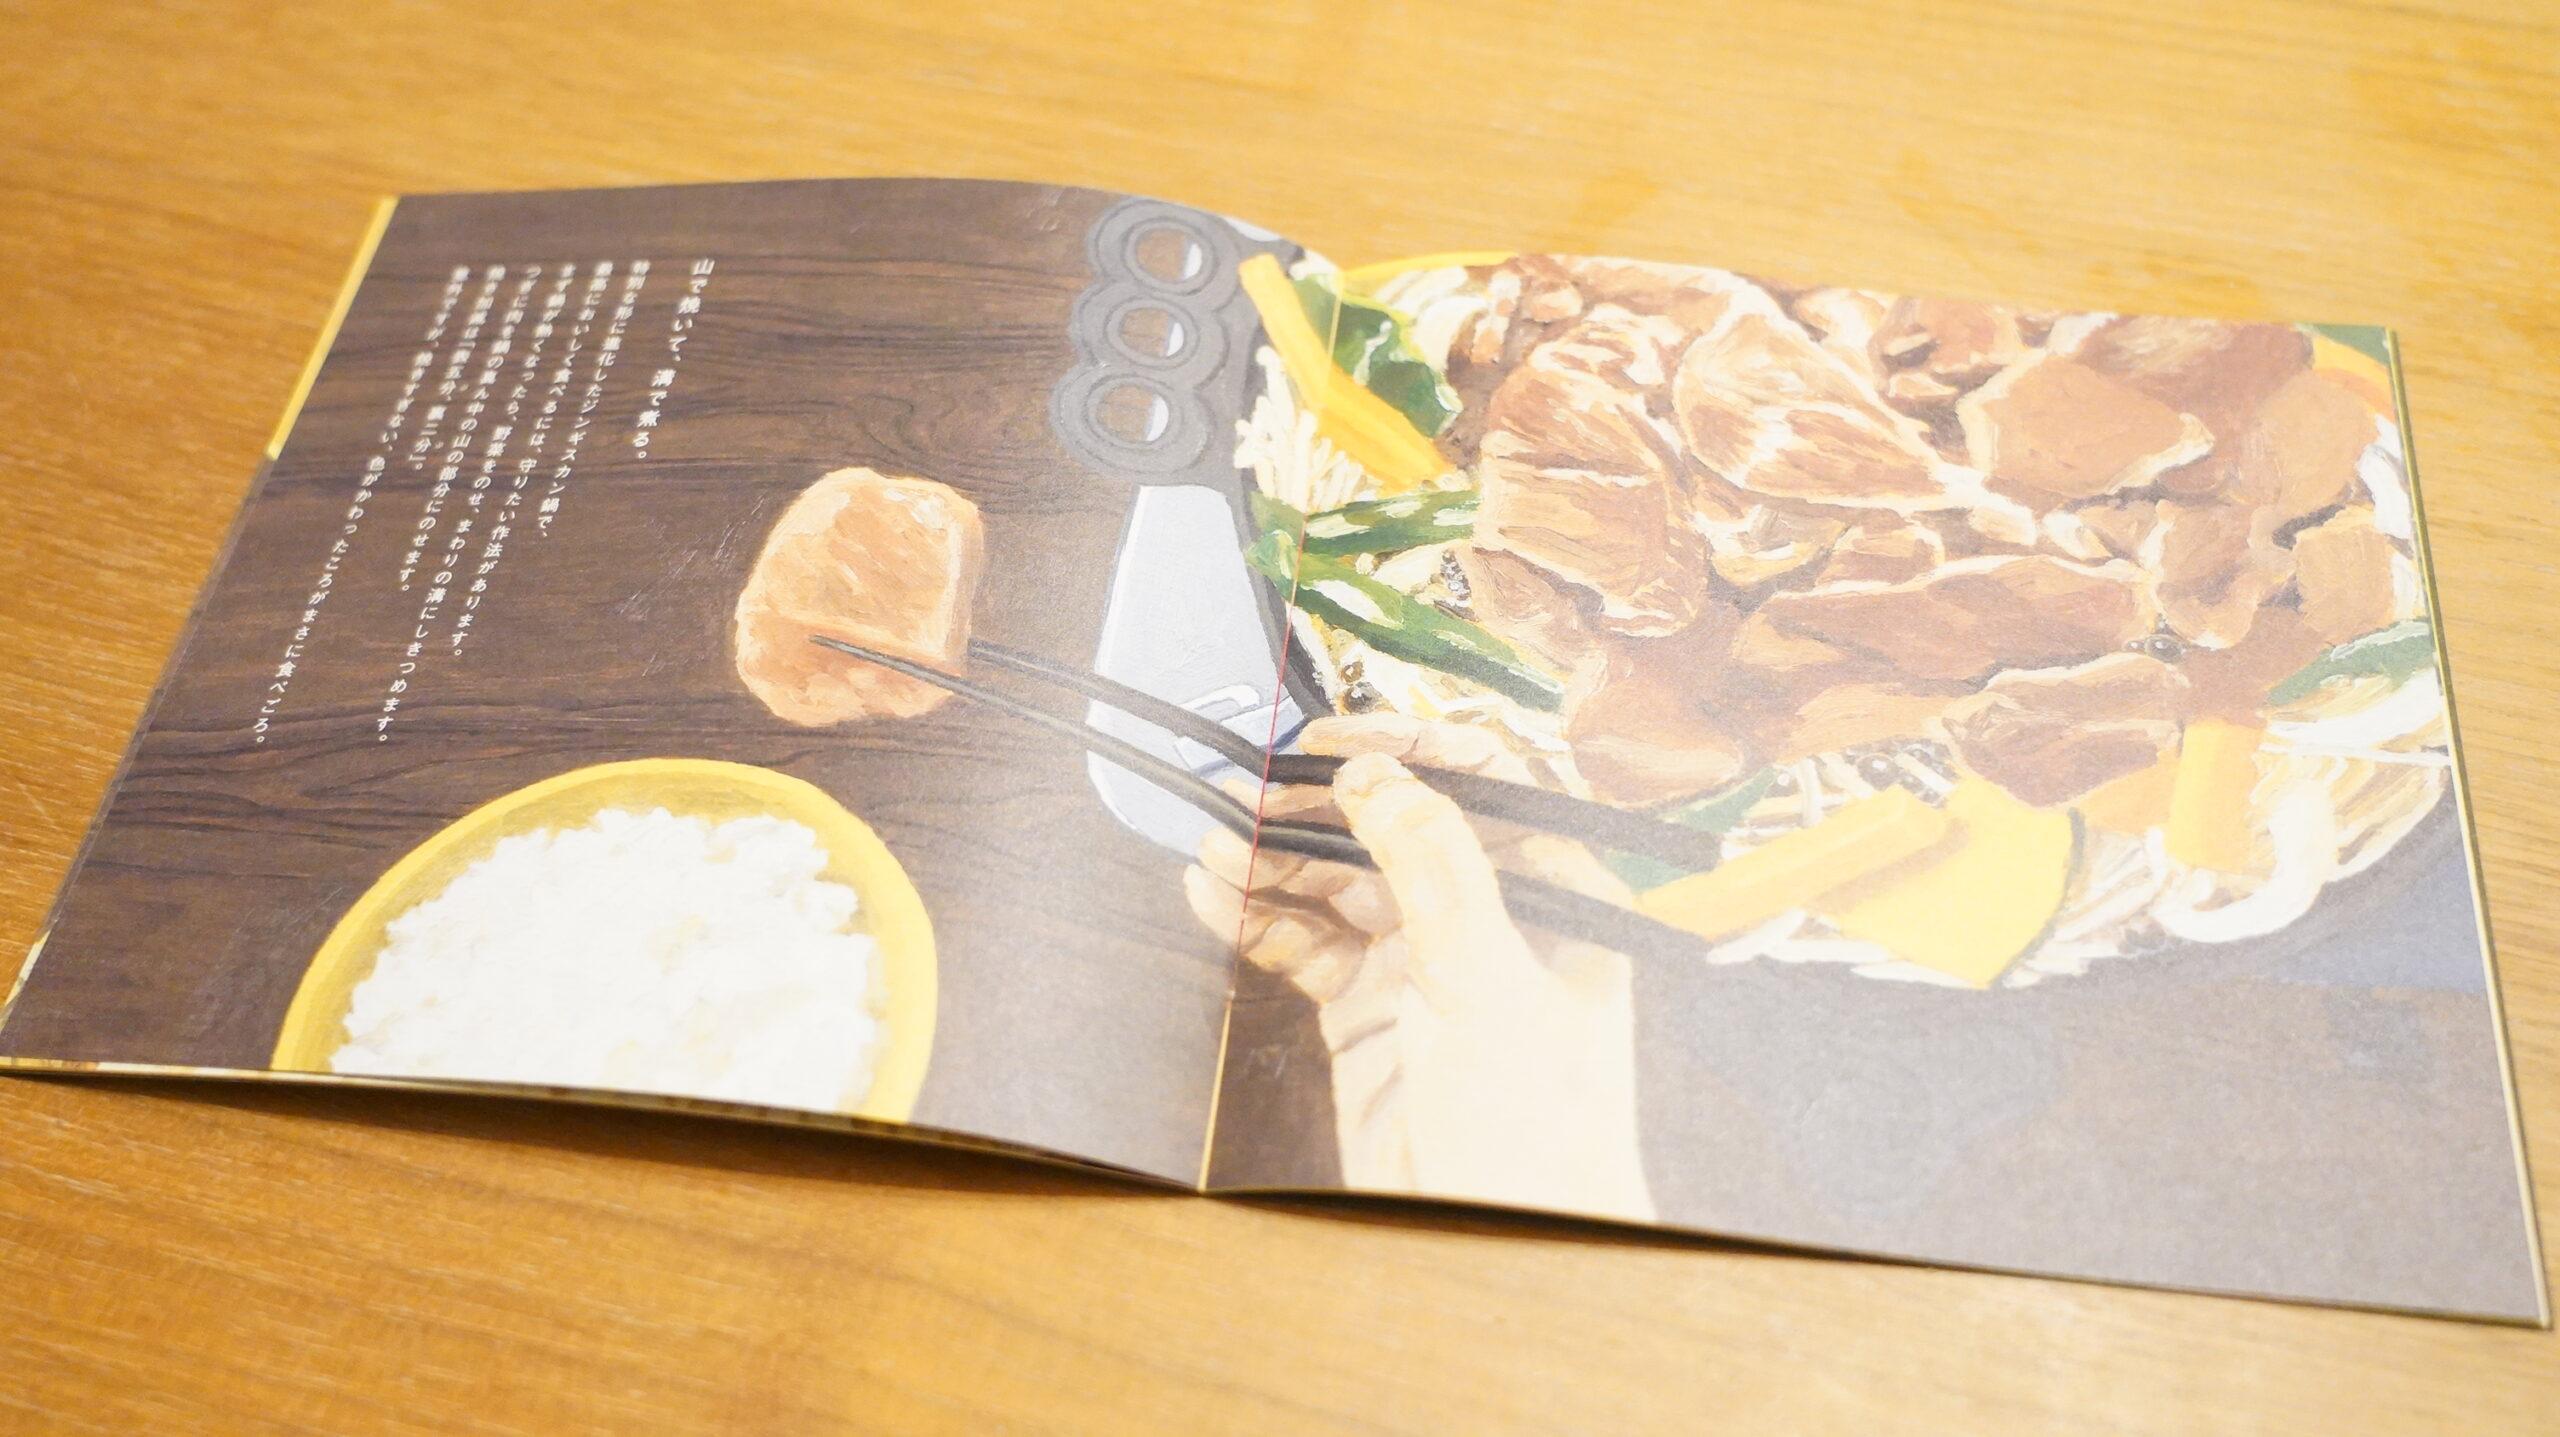 松尾ジンギスカンを通販でお取り寄せした際についてくる本の写真